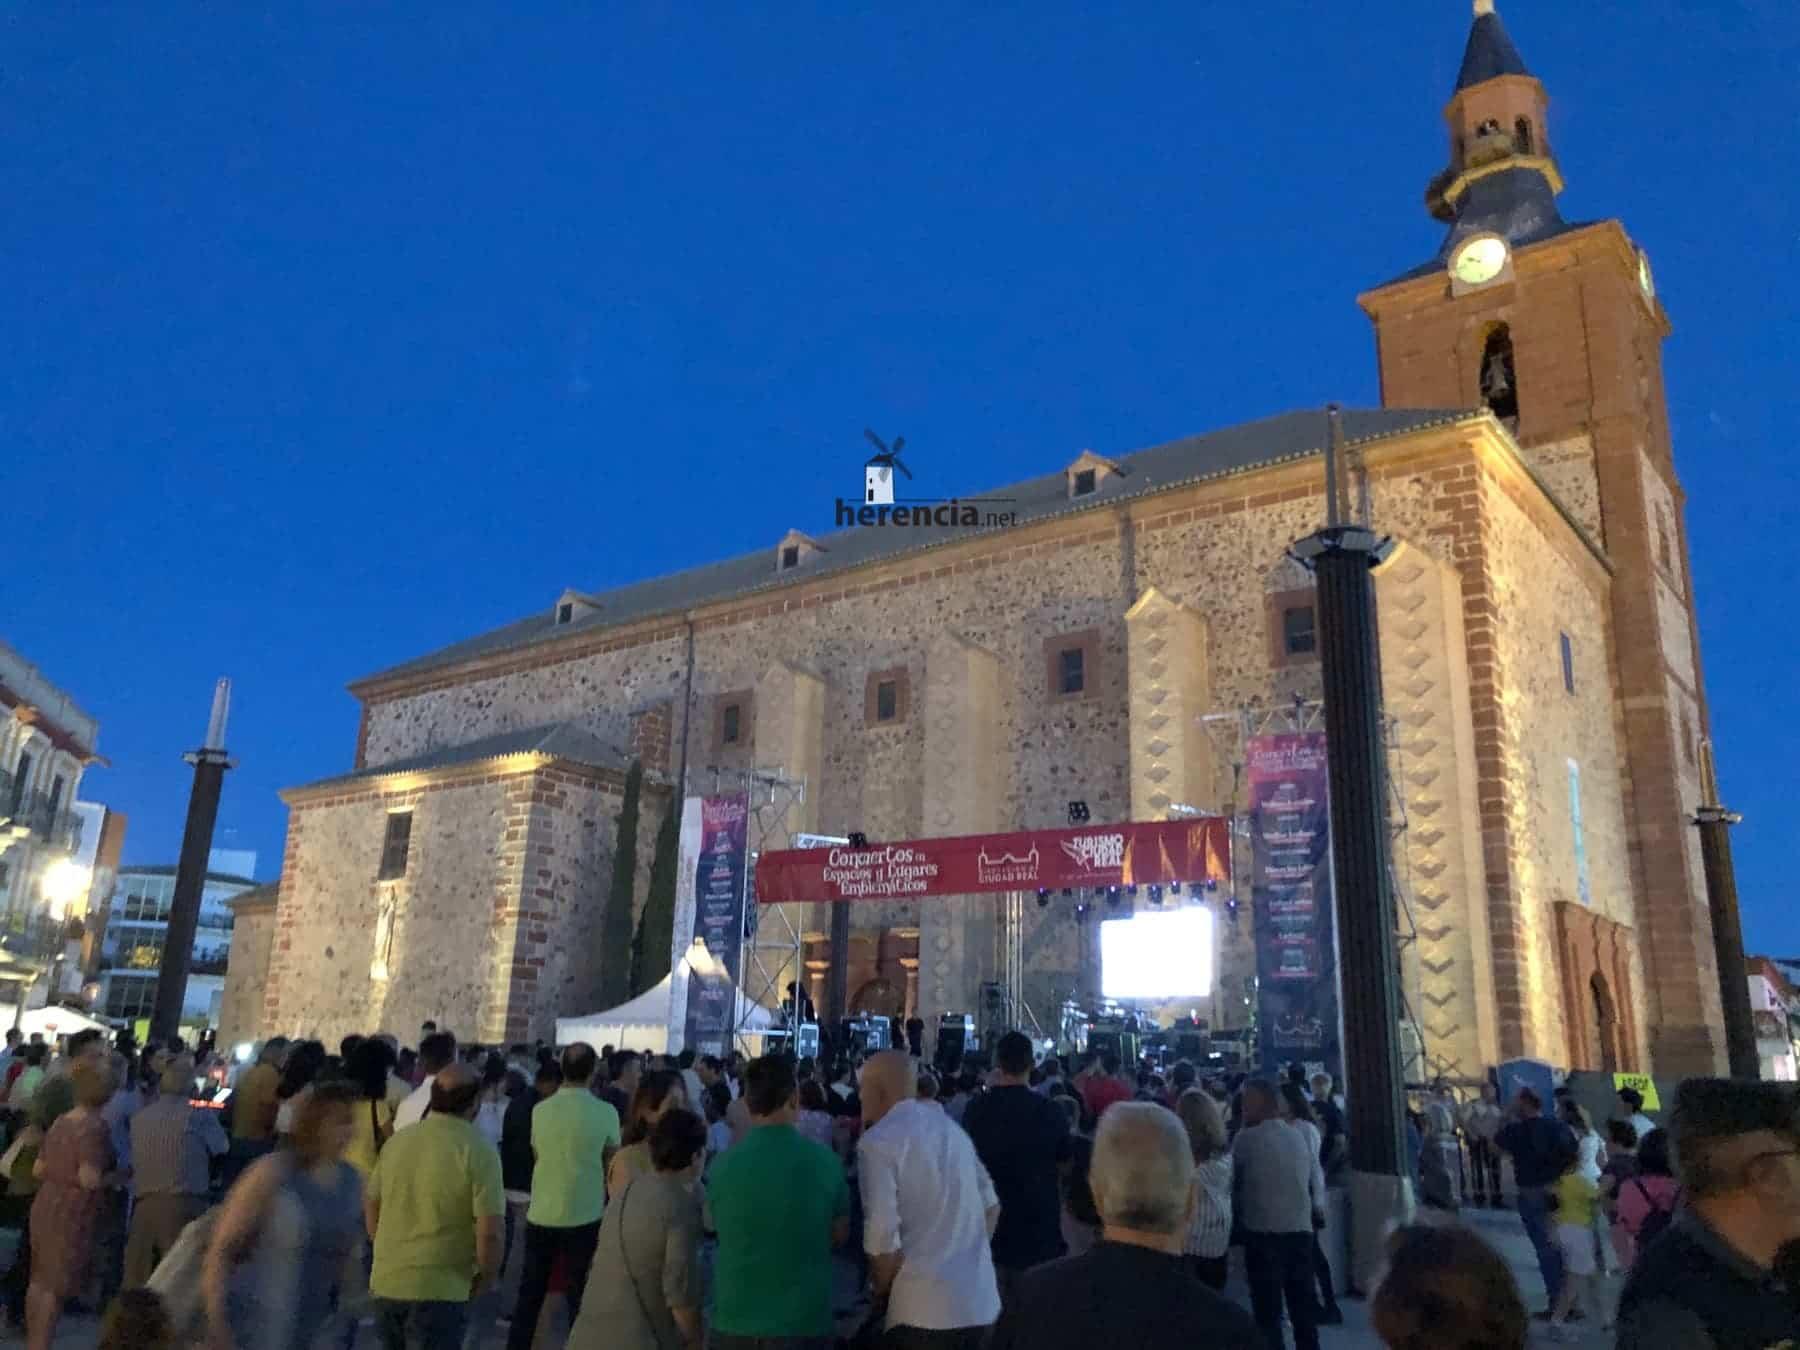 convierto dvicio en herencia 19 - DVICIO llena una renovada Plaza de España en Herencia